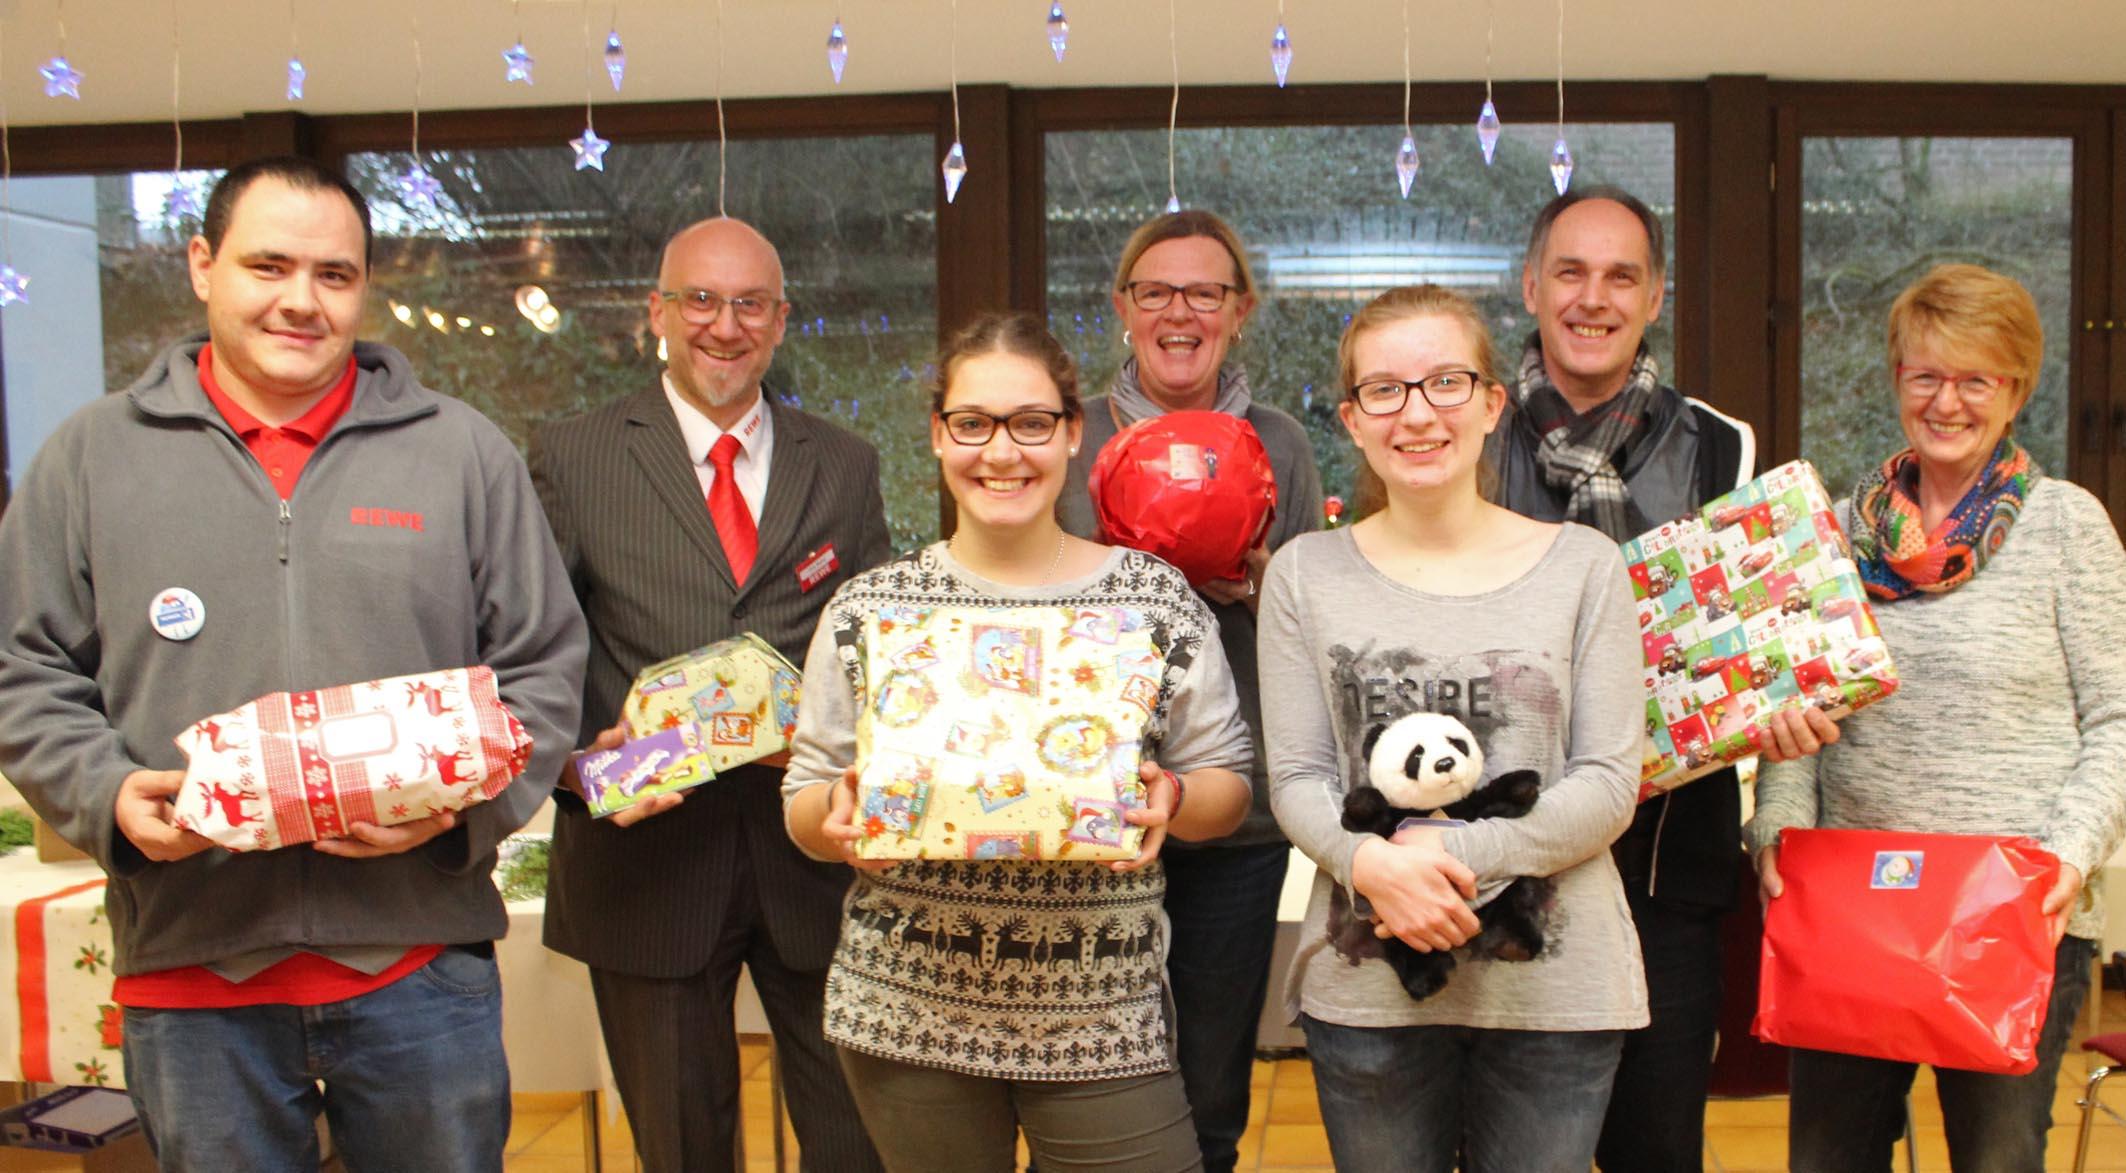 Brigitte Weihnachtsgeschenke.Diakonie Paderborn Höxter E V Rewe Aktion Weihnachtsgeschenke